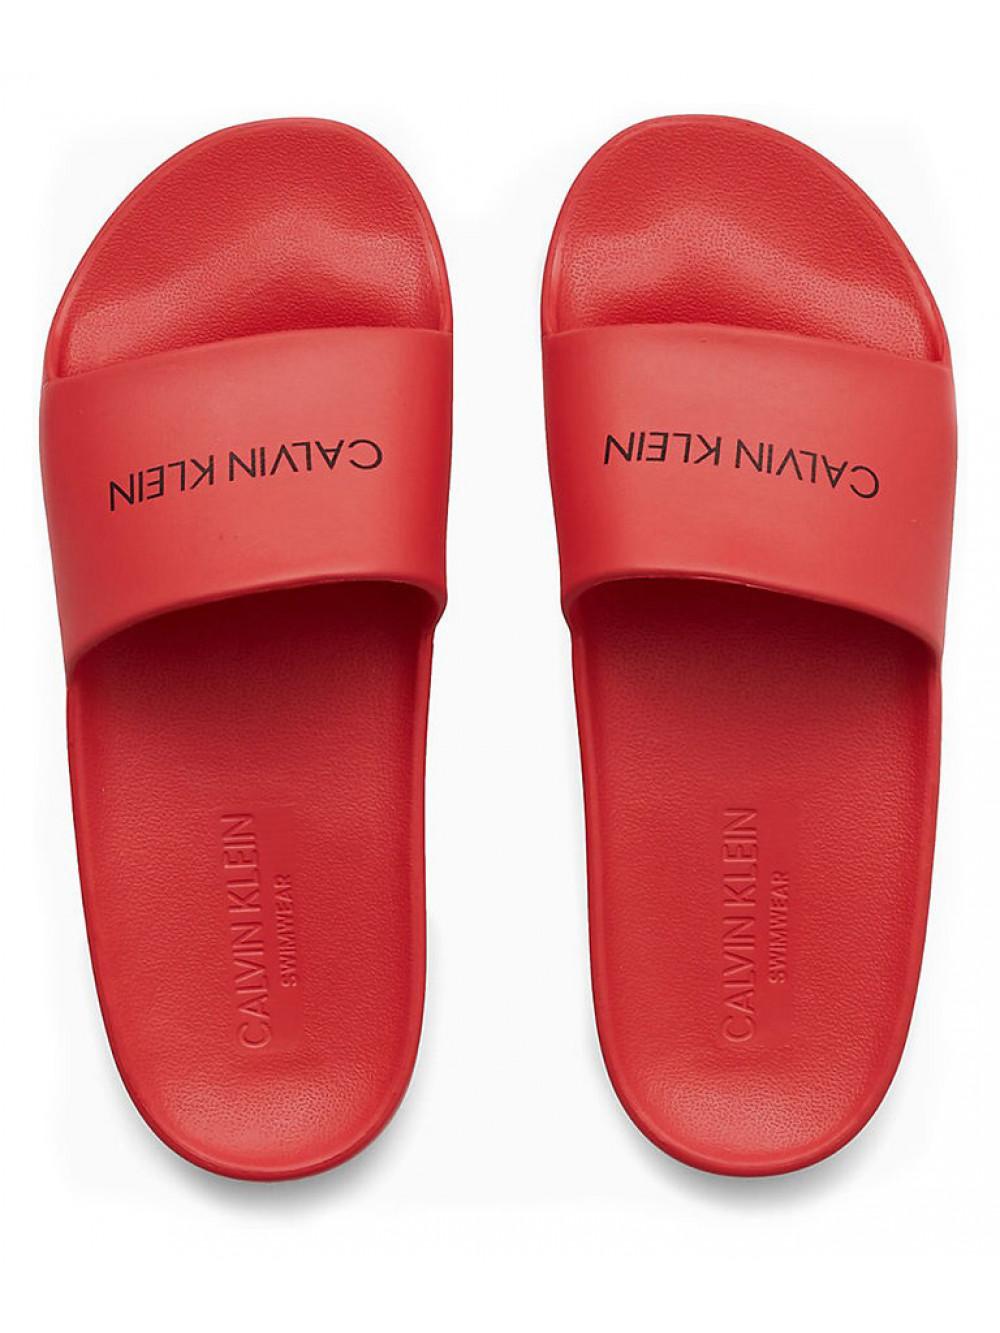 Damen Badeschuhe Calvin Klein One Mould Slide Rot